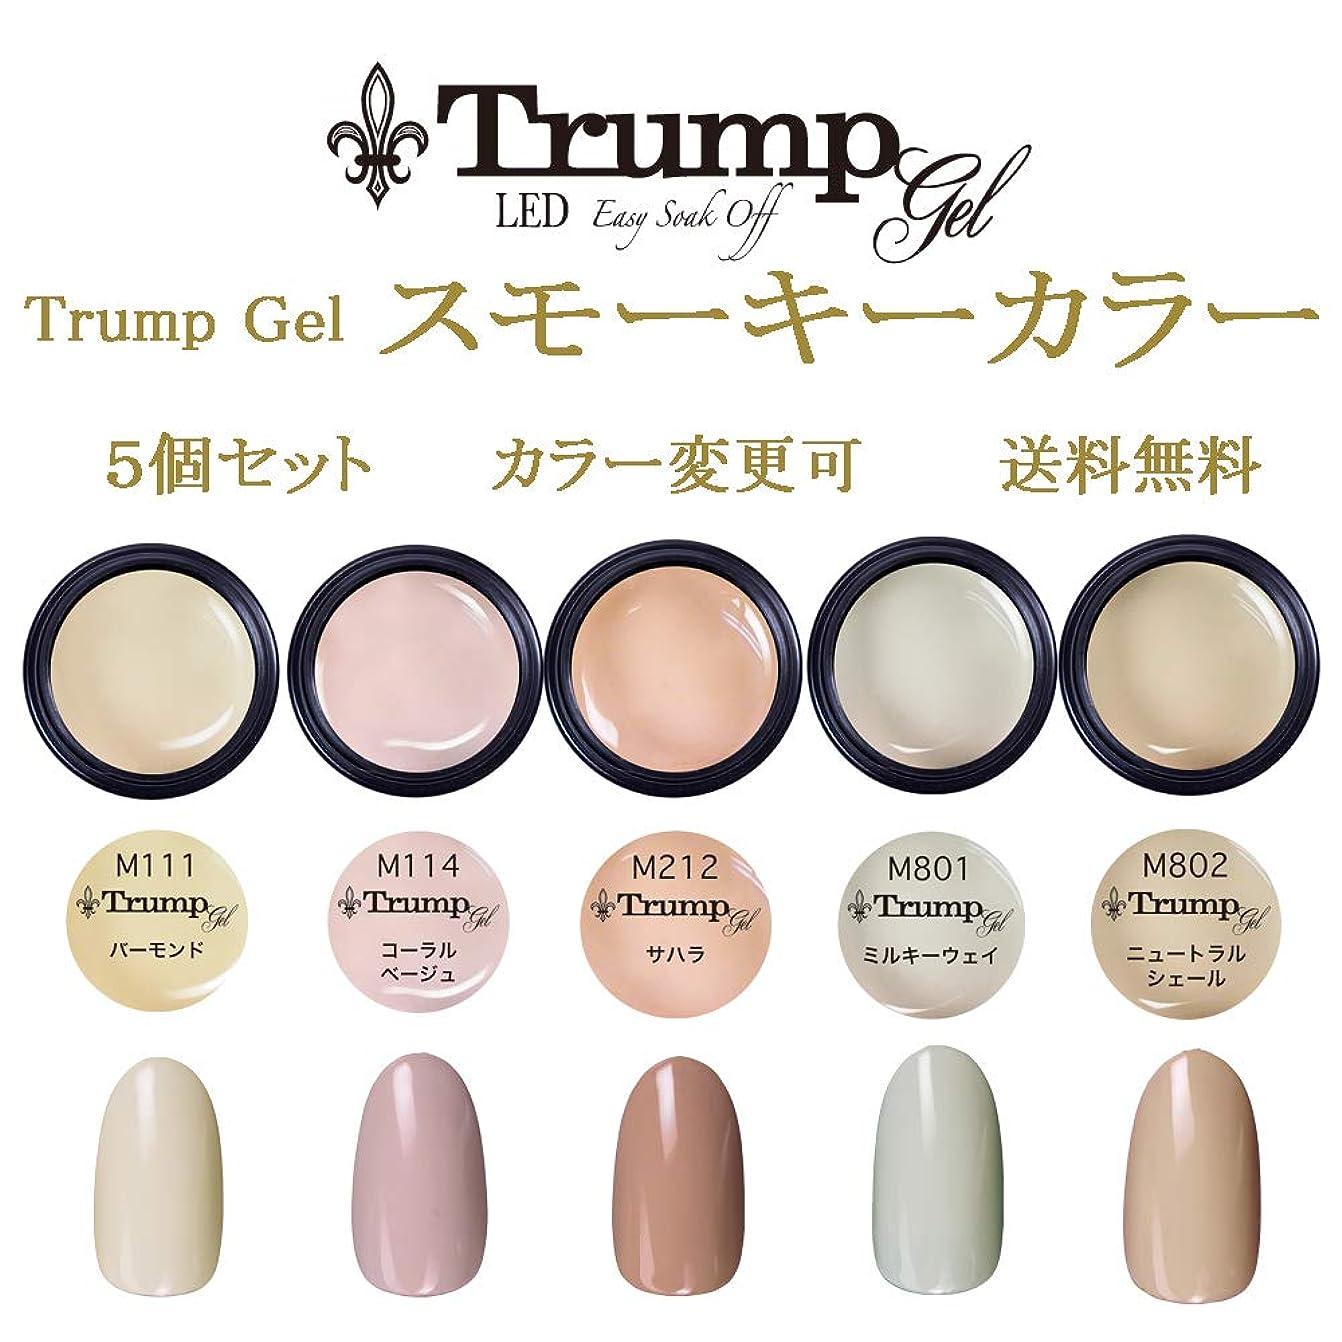 用心する成功する中に日本製 Trump gel トランプジェル スモーキーカラー 選べる カラージェル 5個セット スモーク ベージュ グレー ブラウン ピンク